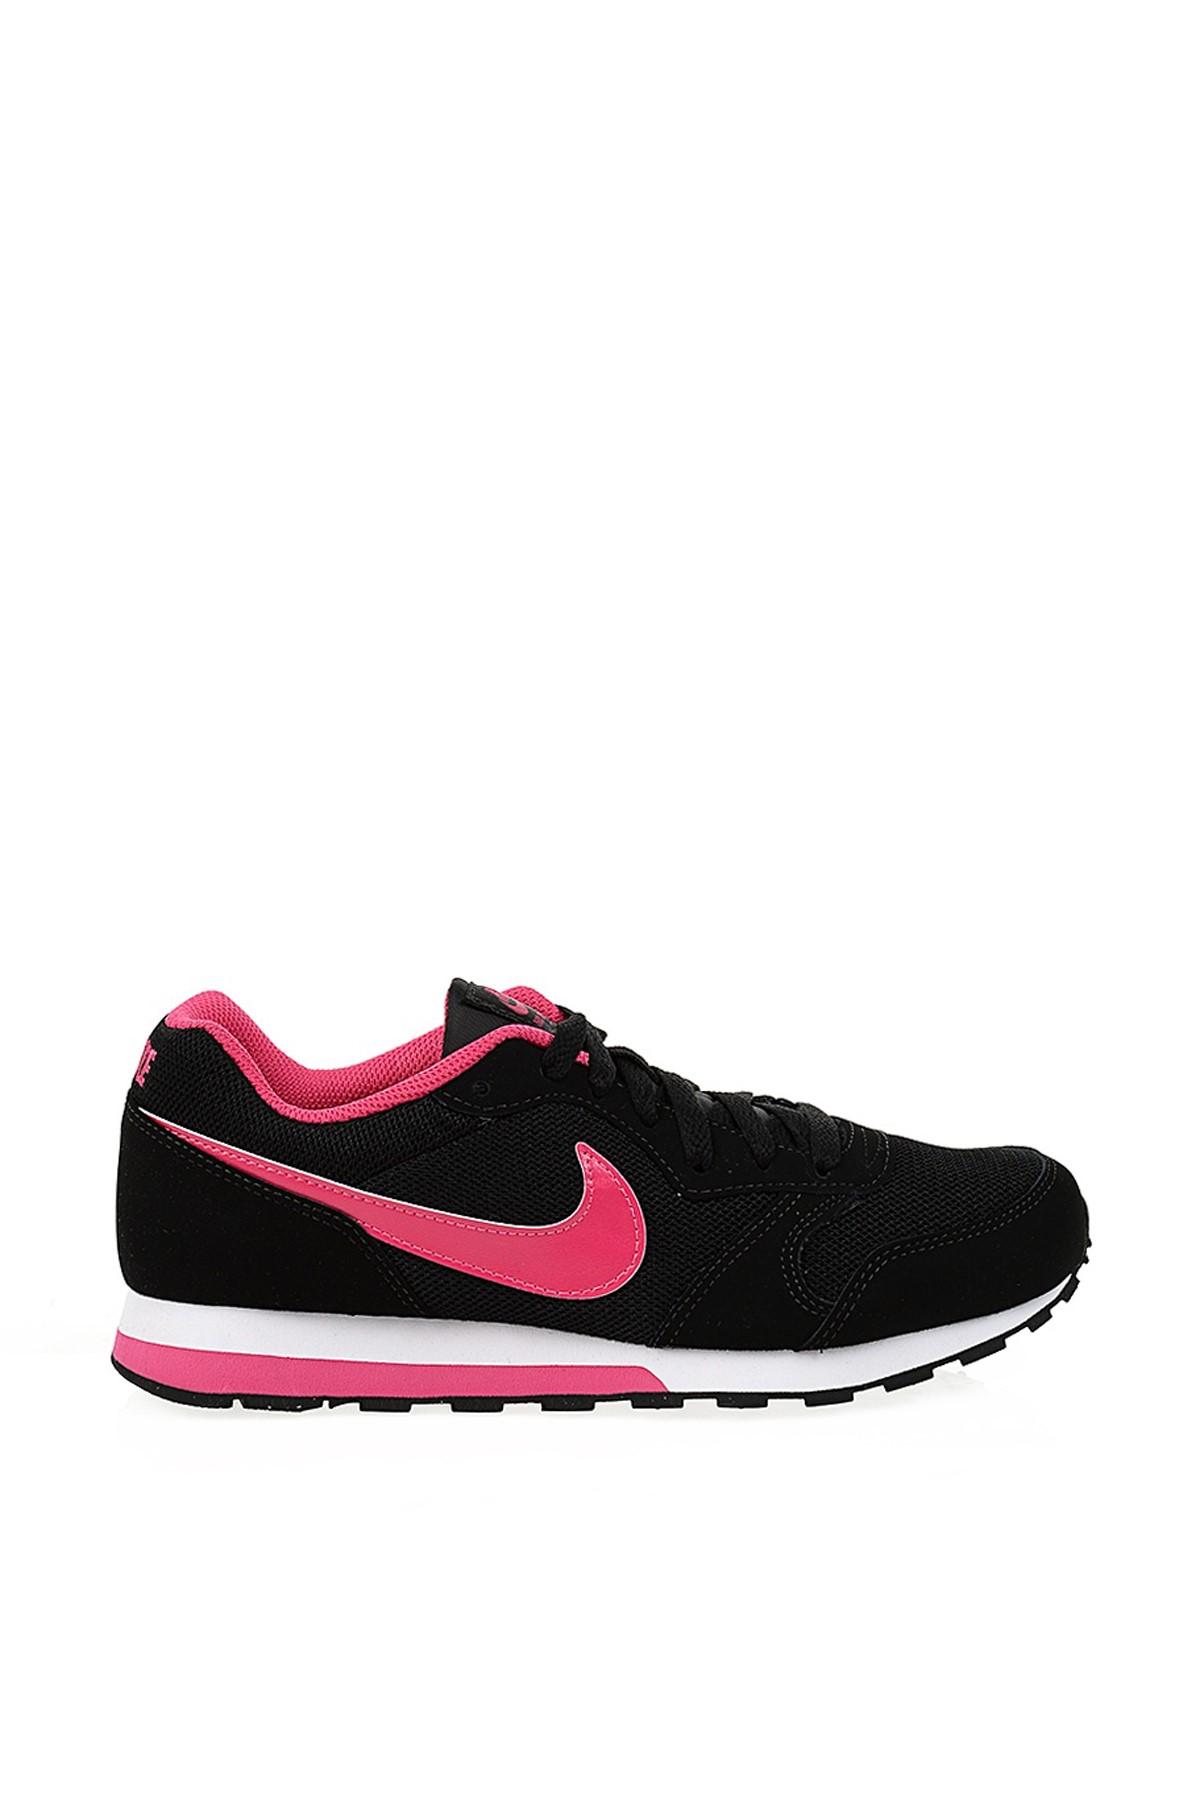 Nike Kids Nike 807319-006 MD RUNNER 2 Kadın Siyah Günlük Ayakkabı 2